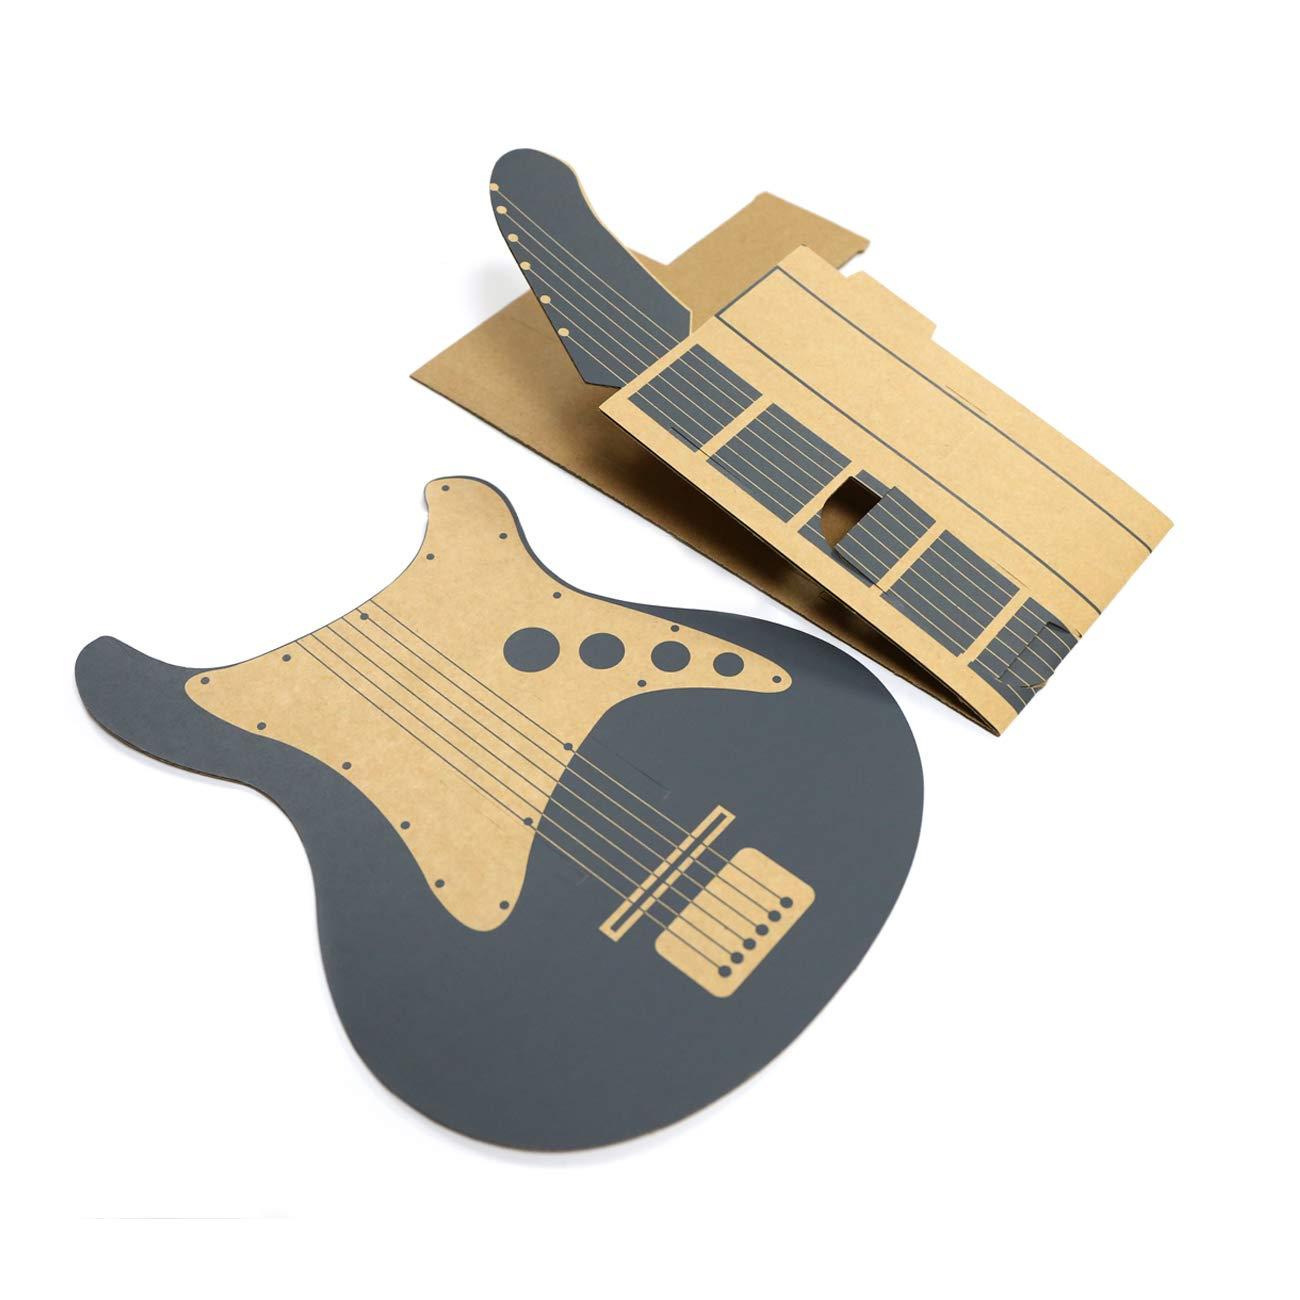 Labo DIY Carboard Guitarra Holder para Nintendo Switch,The perseids Estuche de música DIY para controladores Joy-Con, modo de garaje for Toy-Con: Amazon.es: ...